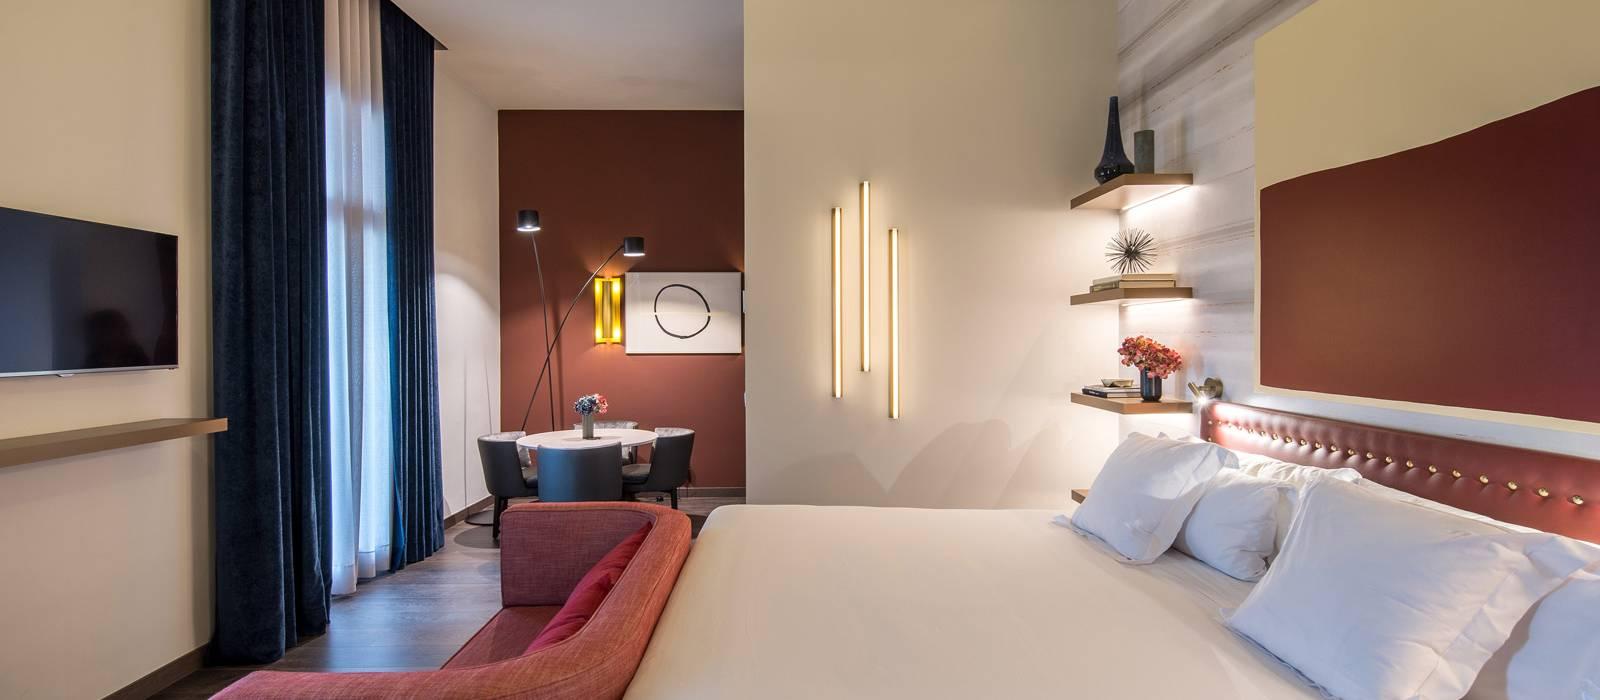 Habitación Deluxe con terraza - Vincci Mae 4*